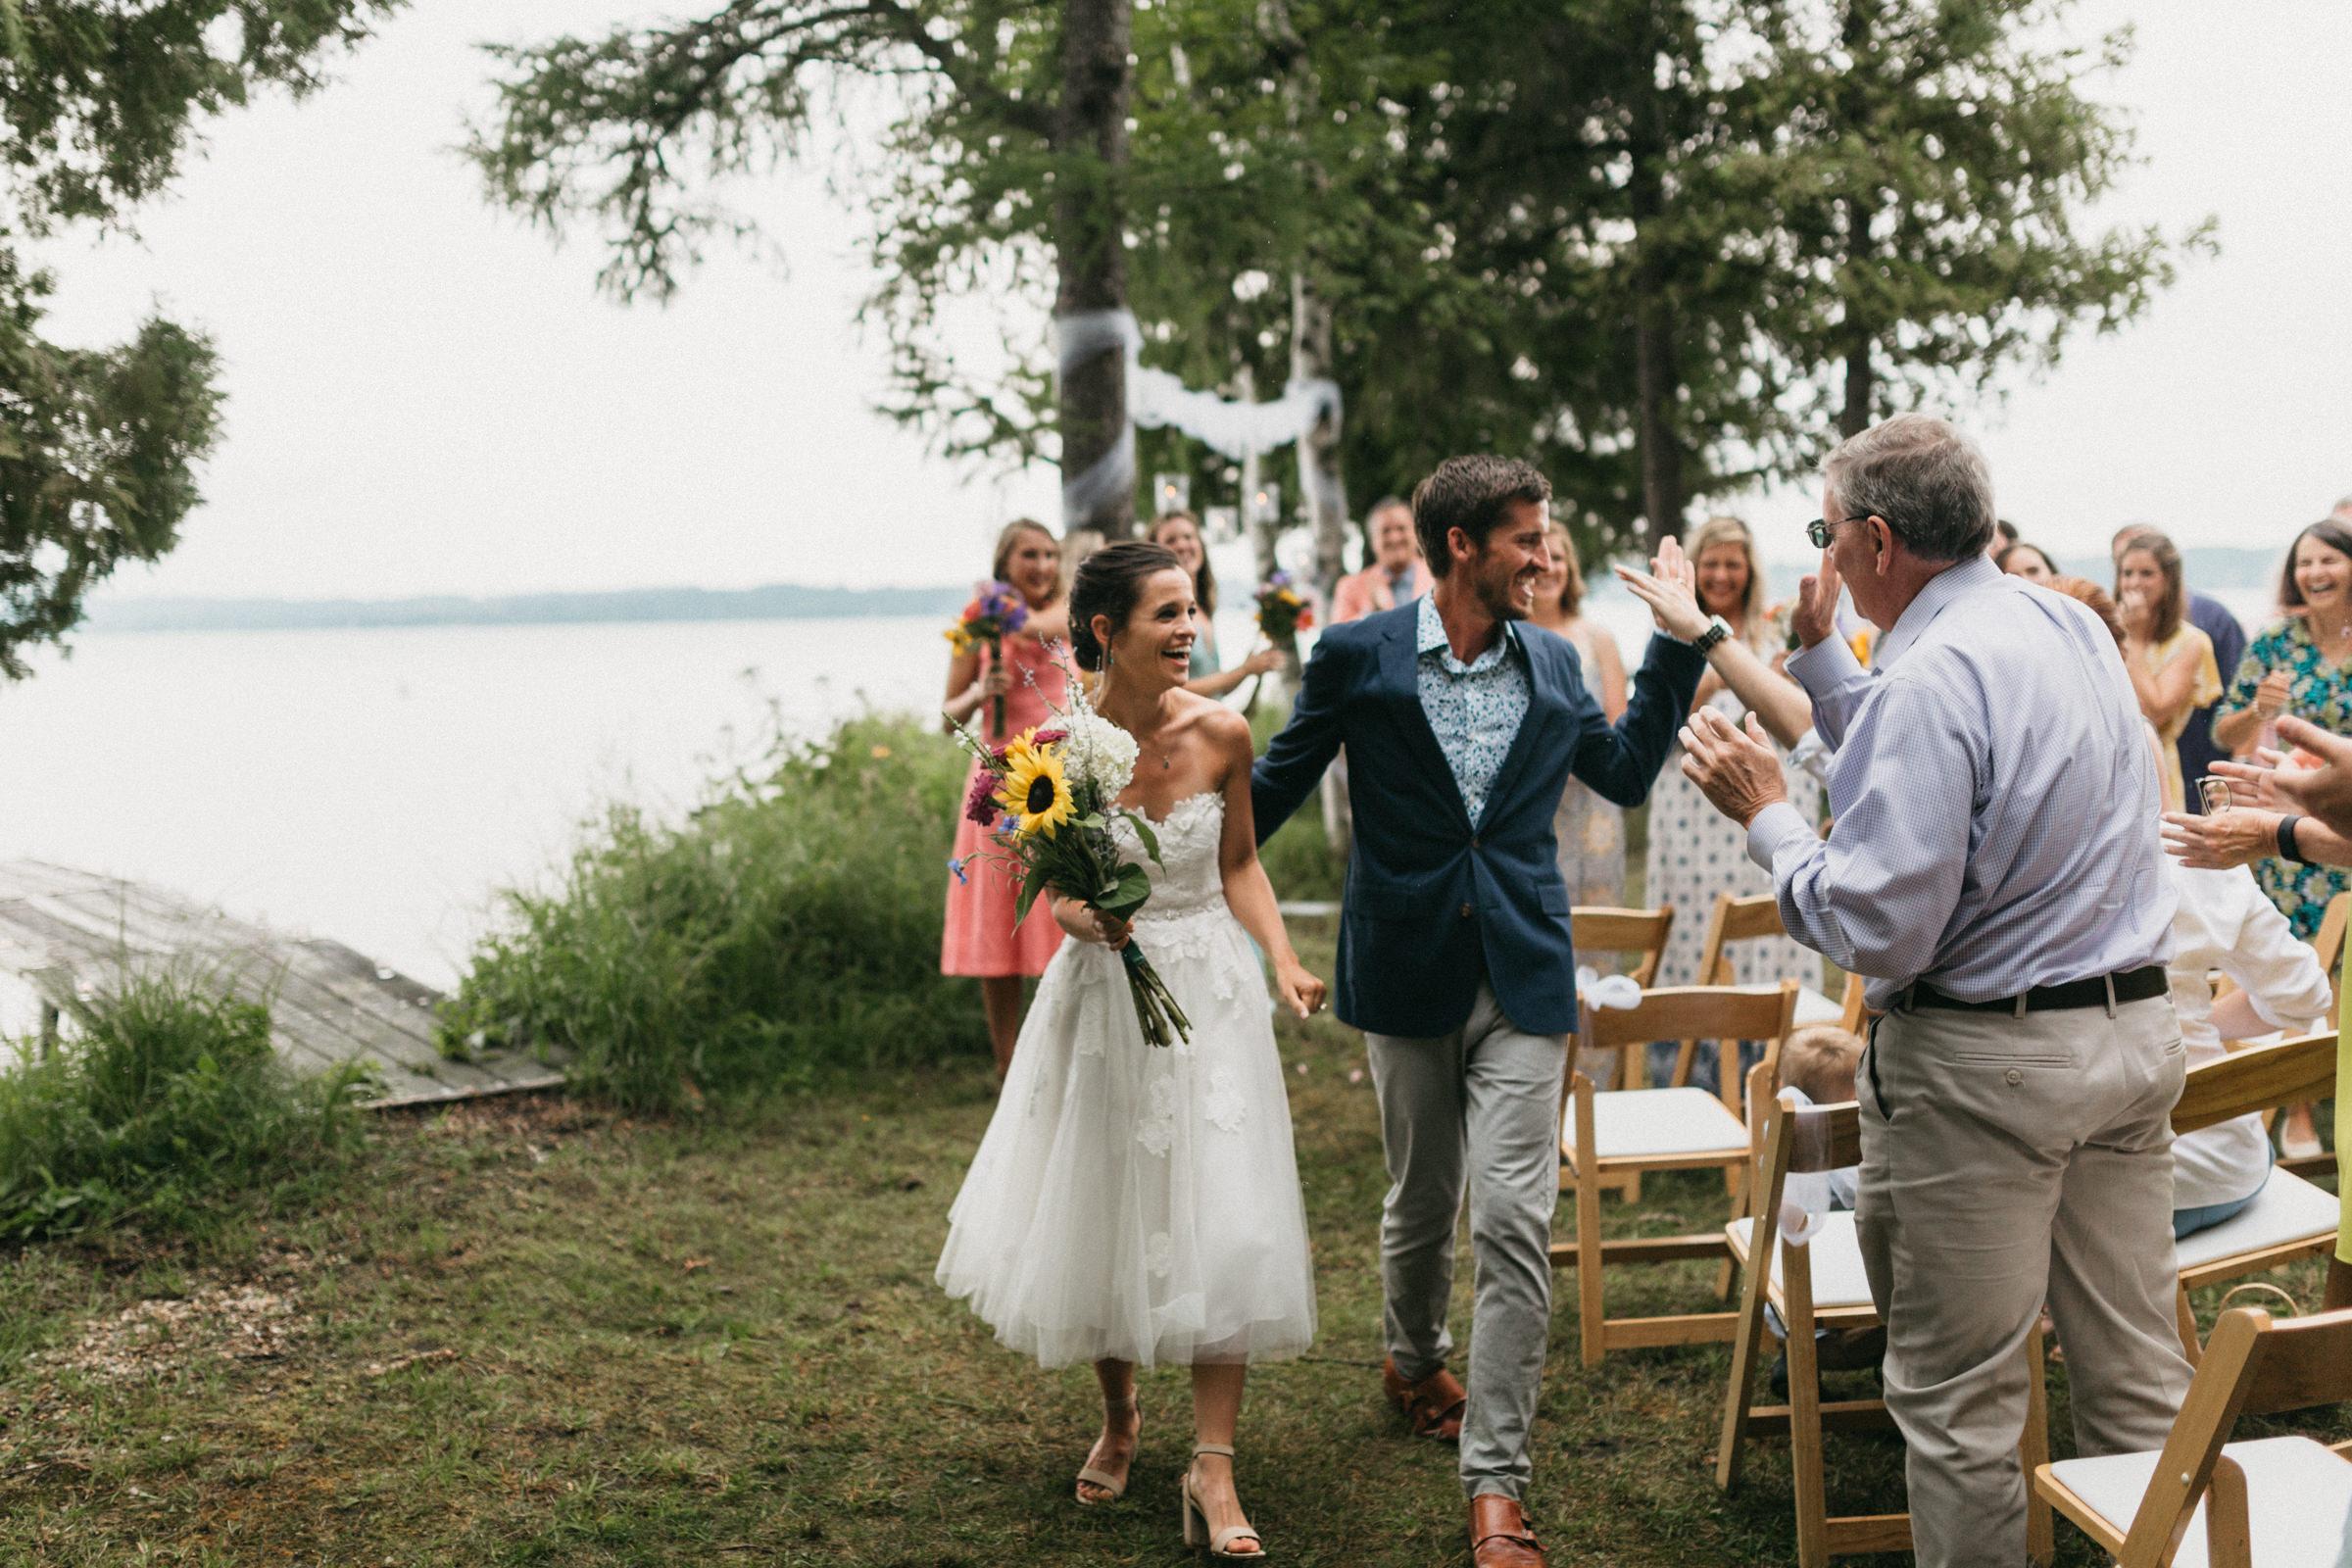 Lake_Michigan_wedding-26.jpg